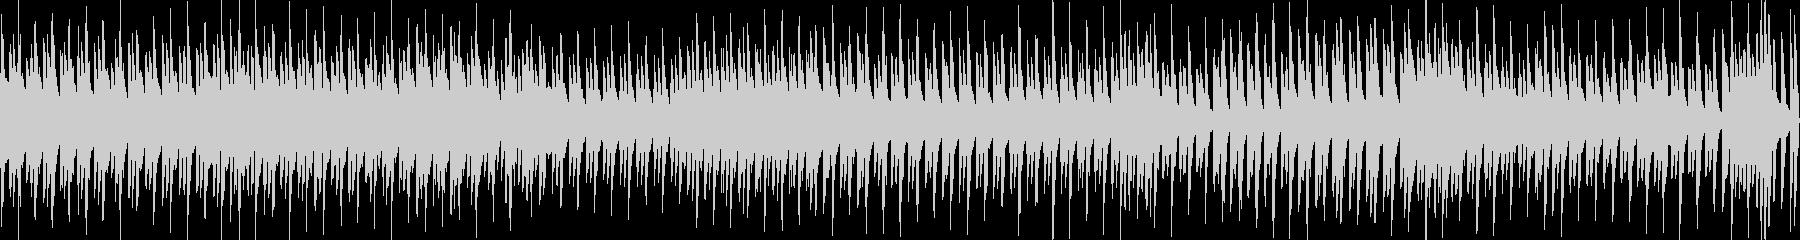 トッカータとフーガ&小フーガ(ループ)の未再生の波形